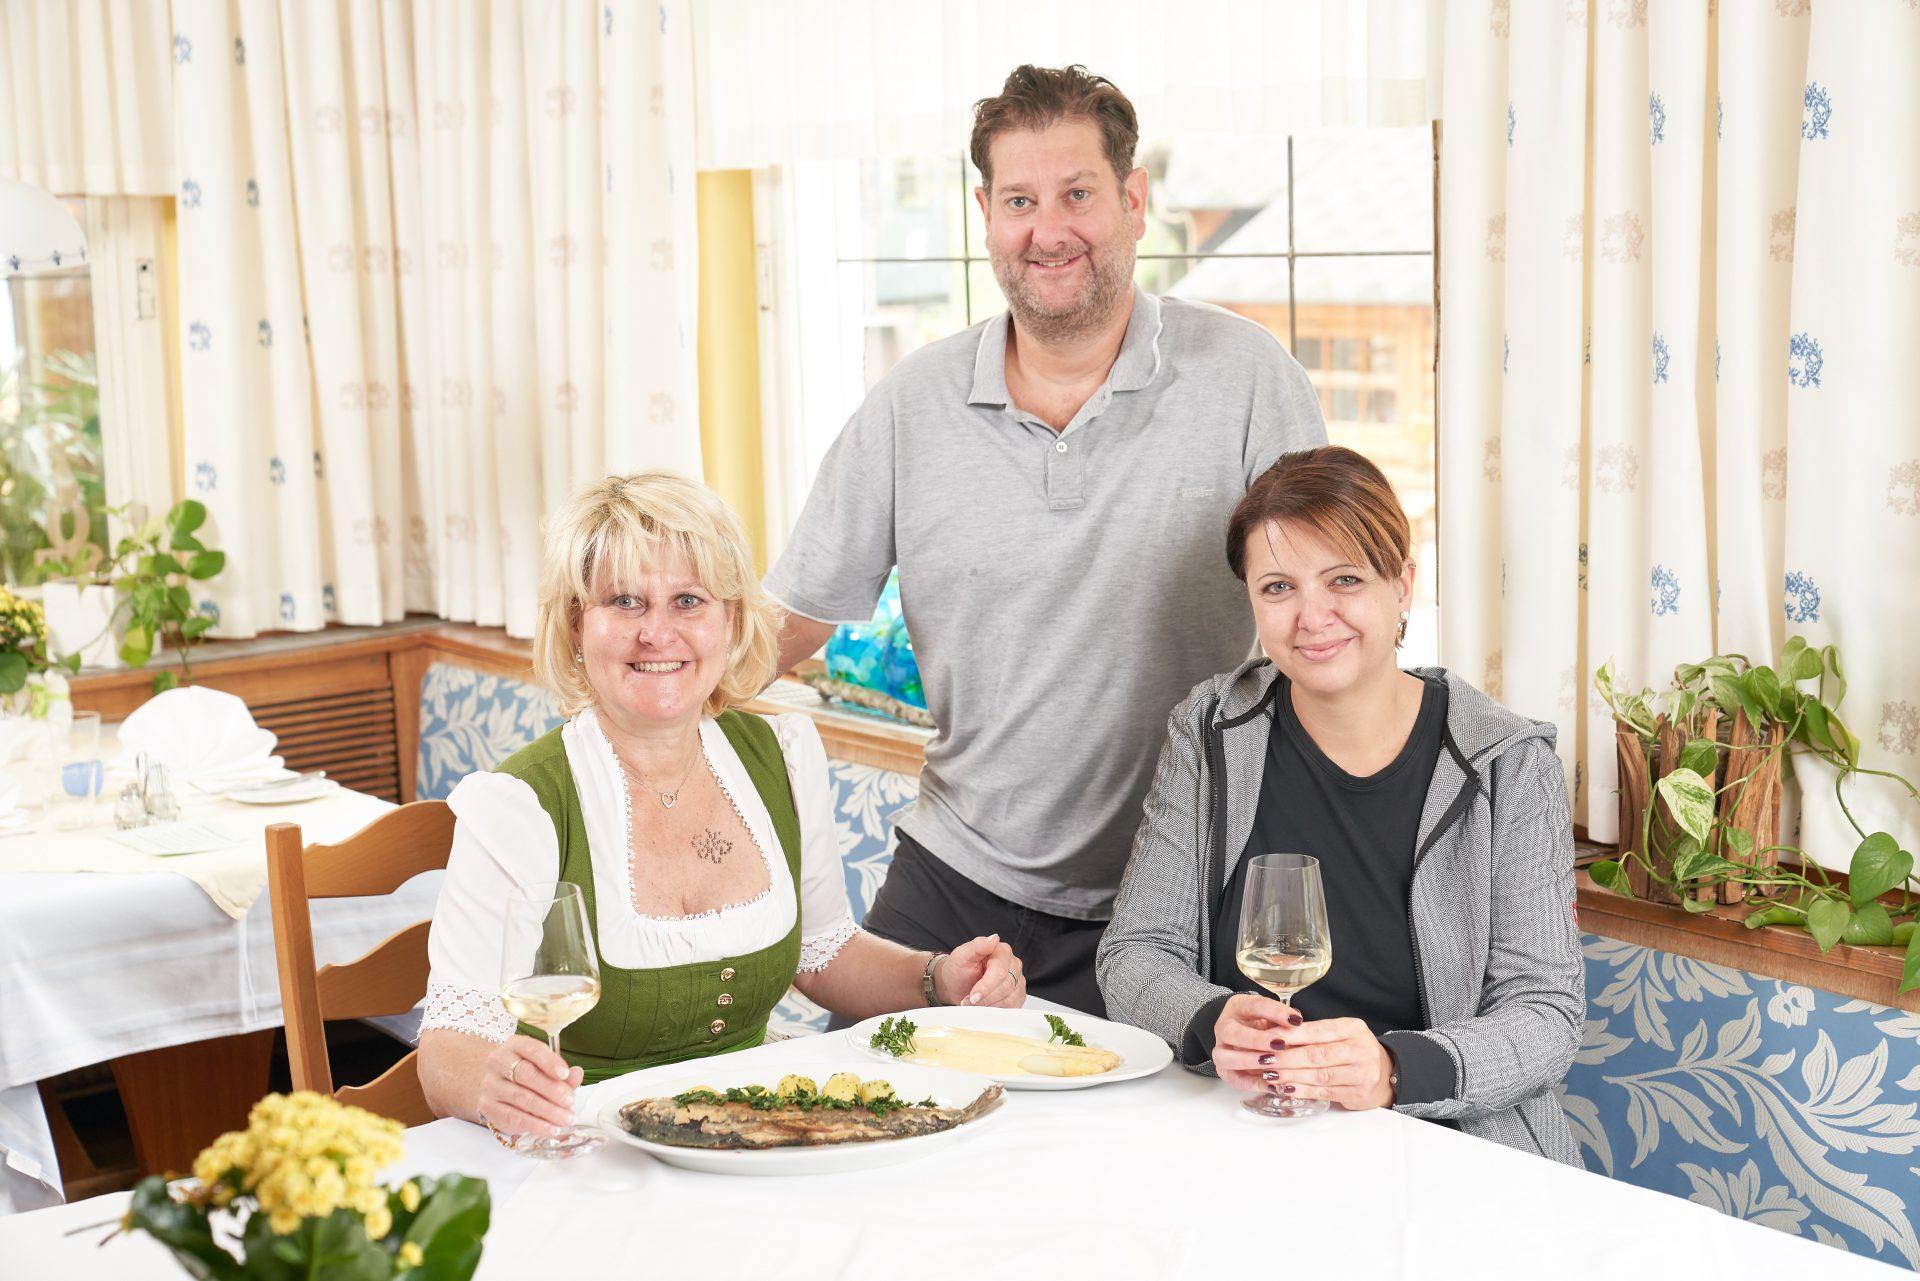 """Dauerhaft erfolgreich dank unaufgeregter Topqualität und Wohlfühlfaktor: das """"Trio Schickh"""" in Klein-Wien mit (v. l.) Evi, Christian und Eva Schickh."""